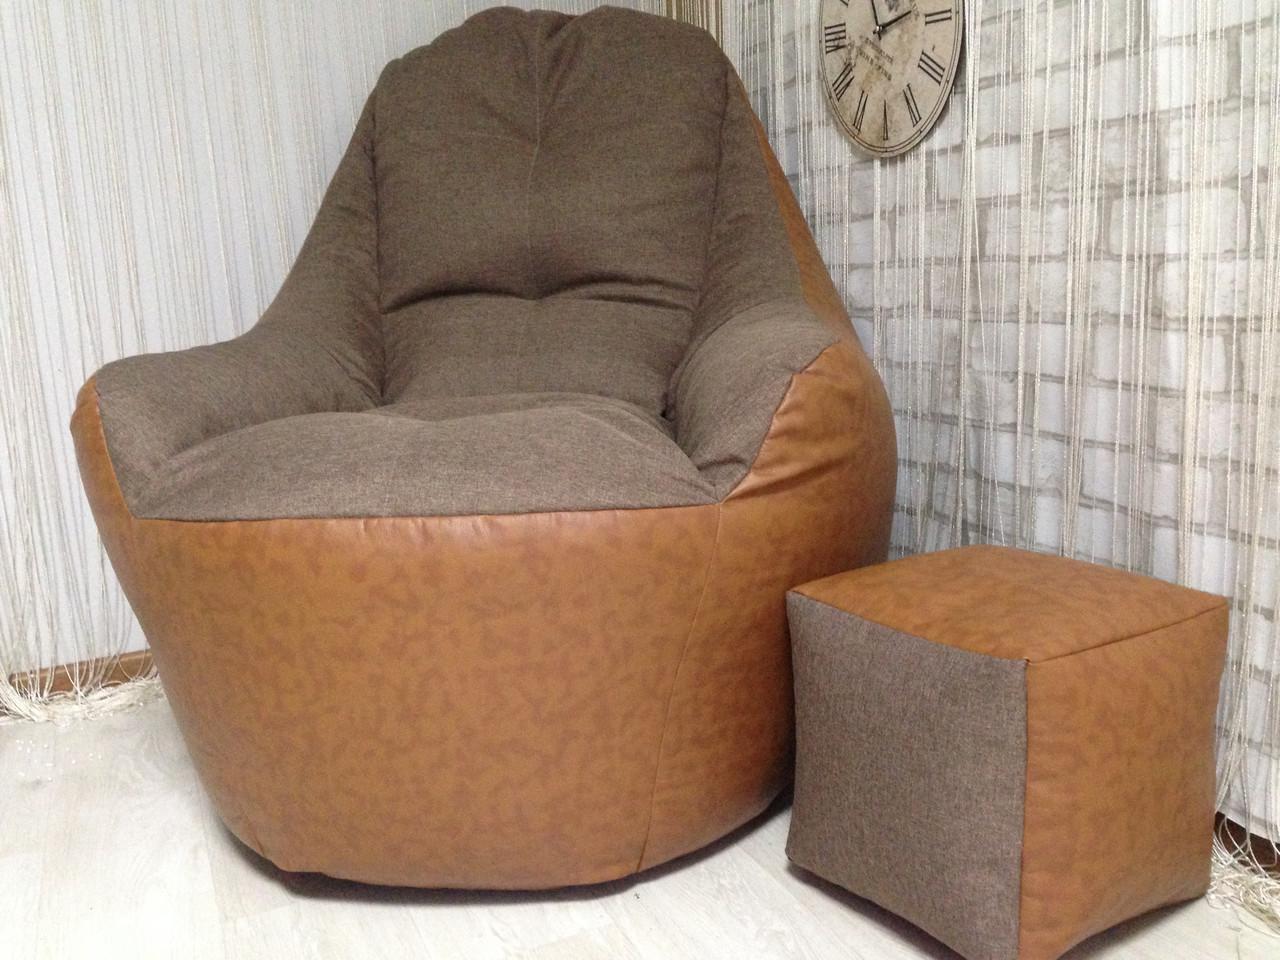 Кресло мешок, бескаркасное кресло, мягкий пуф, кресло BOSS ХХЛ, Производство